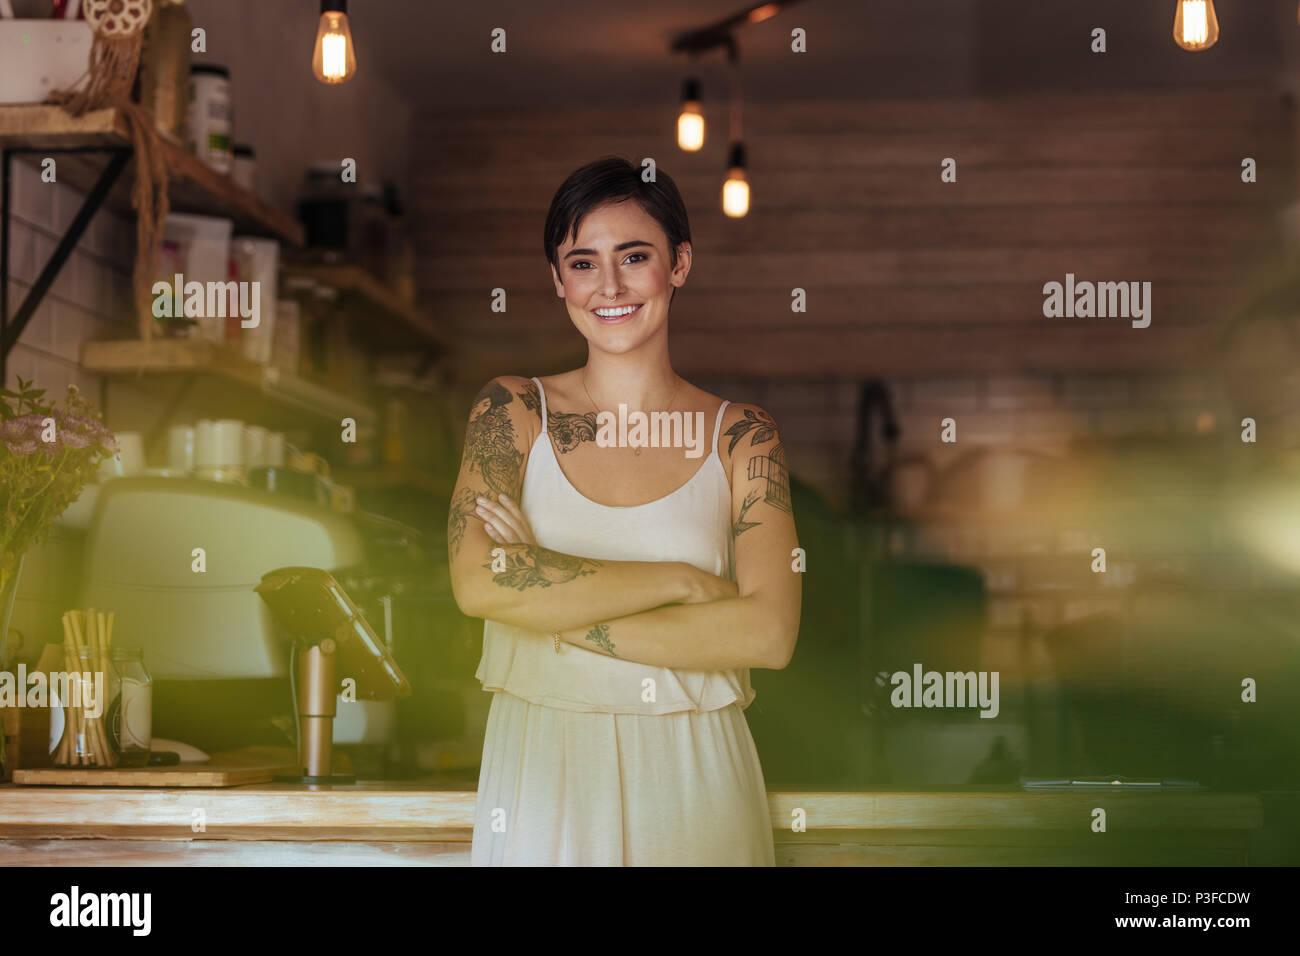 Frau steht vor dem Zähler Ihrer Cafe mit verschränkten Armen. Lächelnd Restaurant Besitzer für ein Foto auf die Abrechnung Zähler posieren. Stockbild